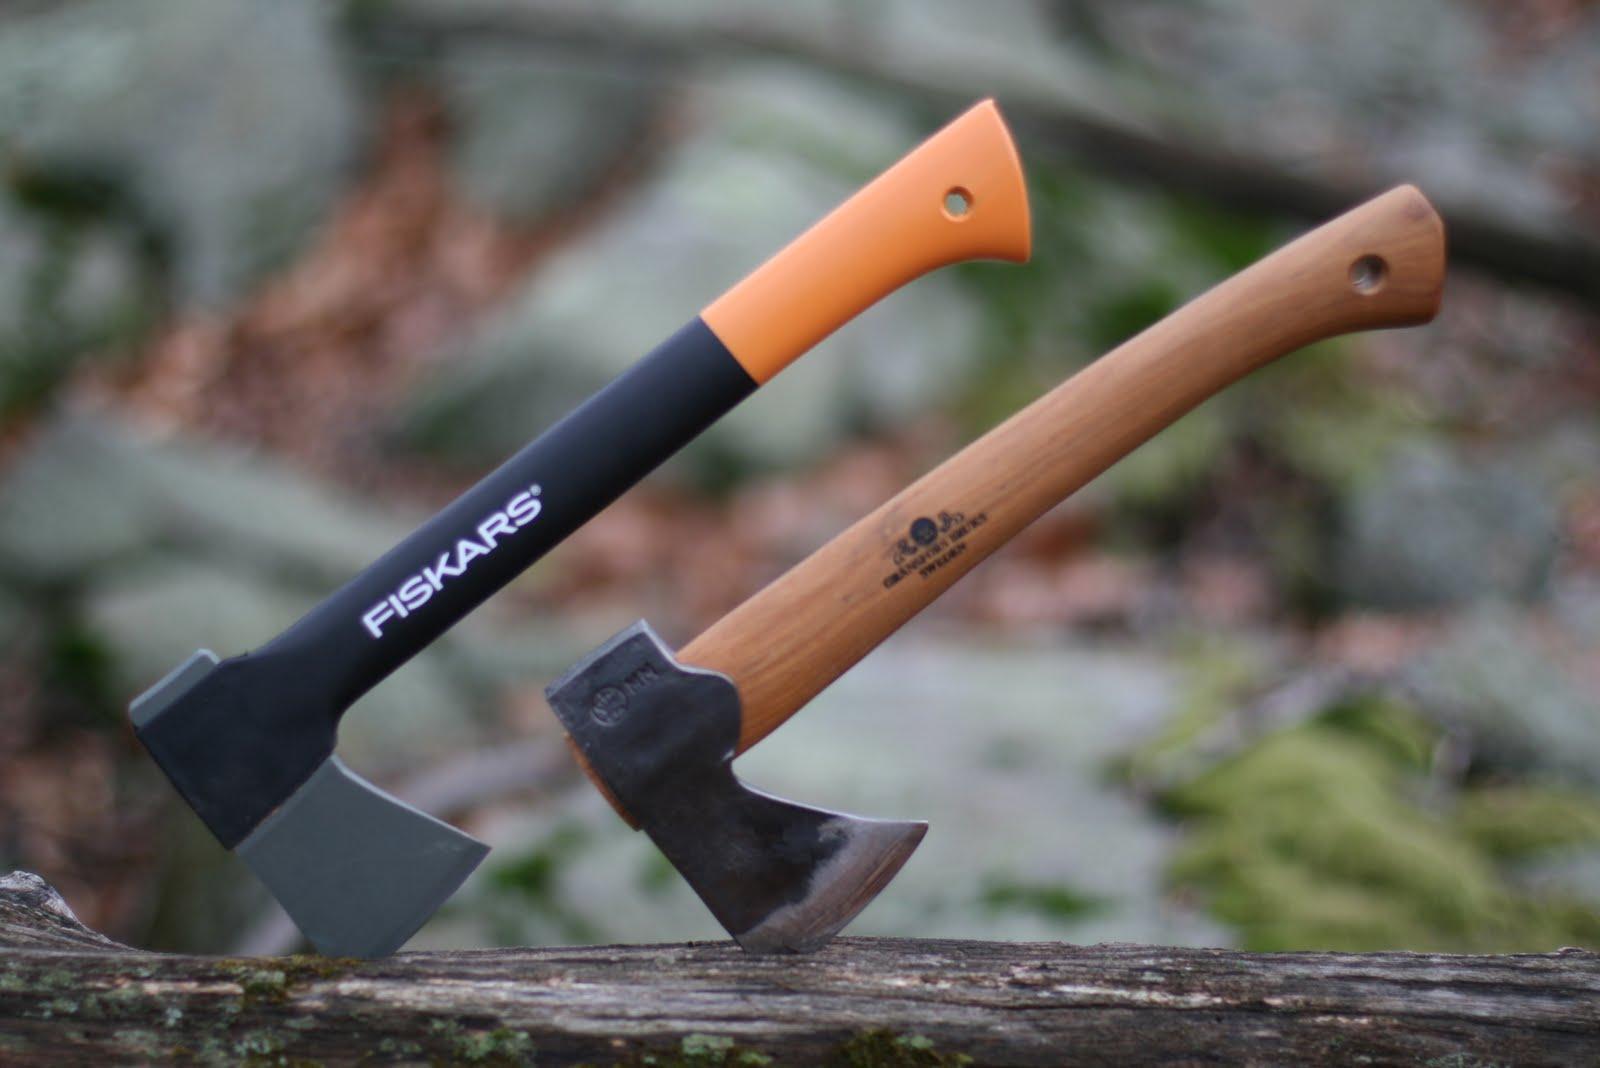 wood trekker fiskars 7850 hatchet review. Black Bedroom Furniture Sets. Home Design Ideas